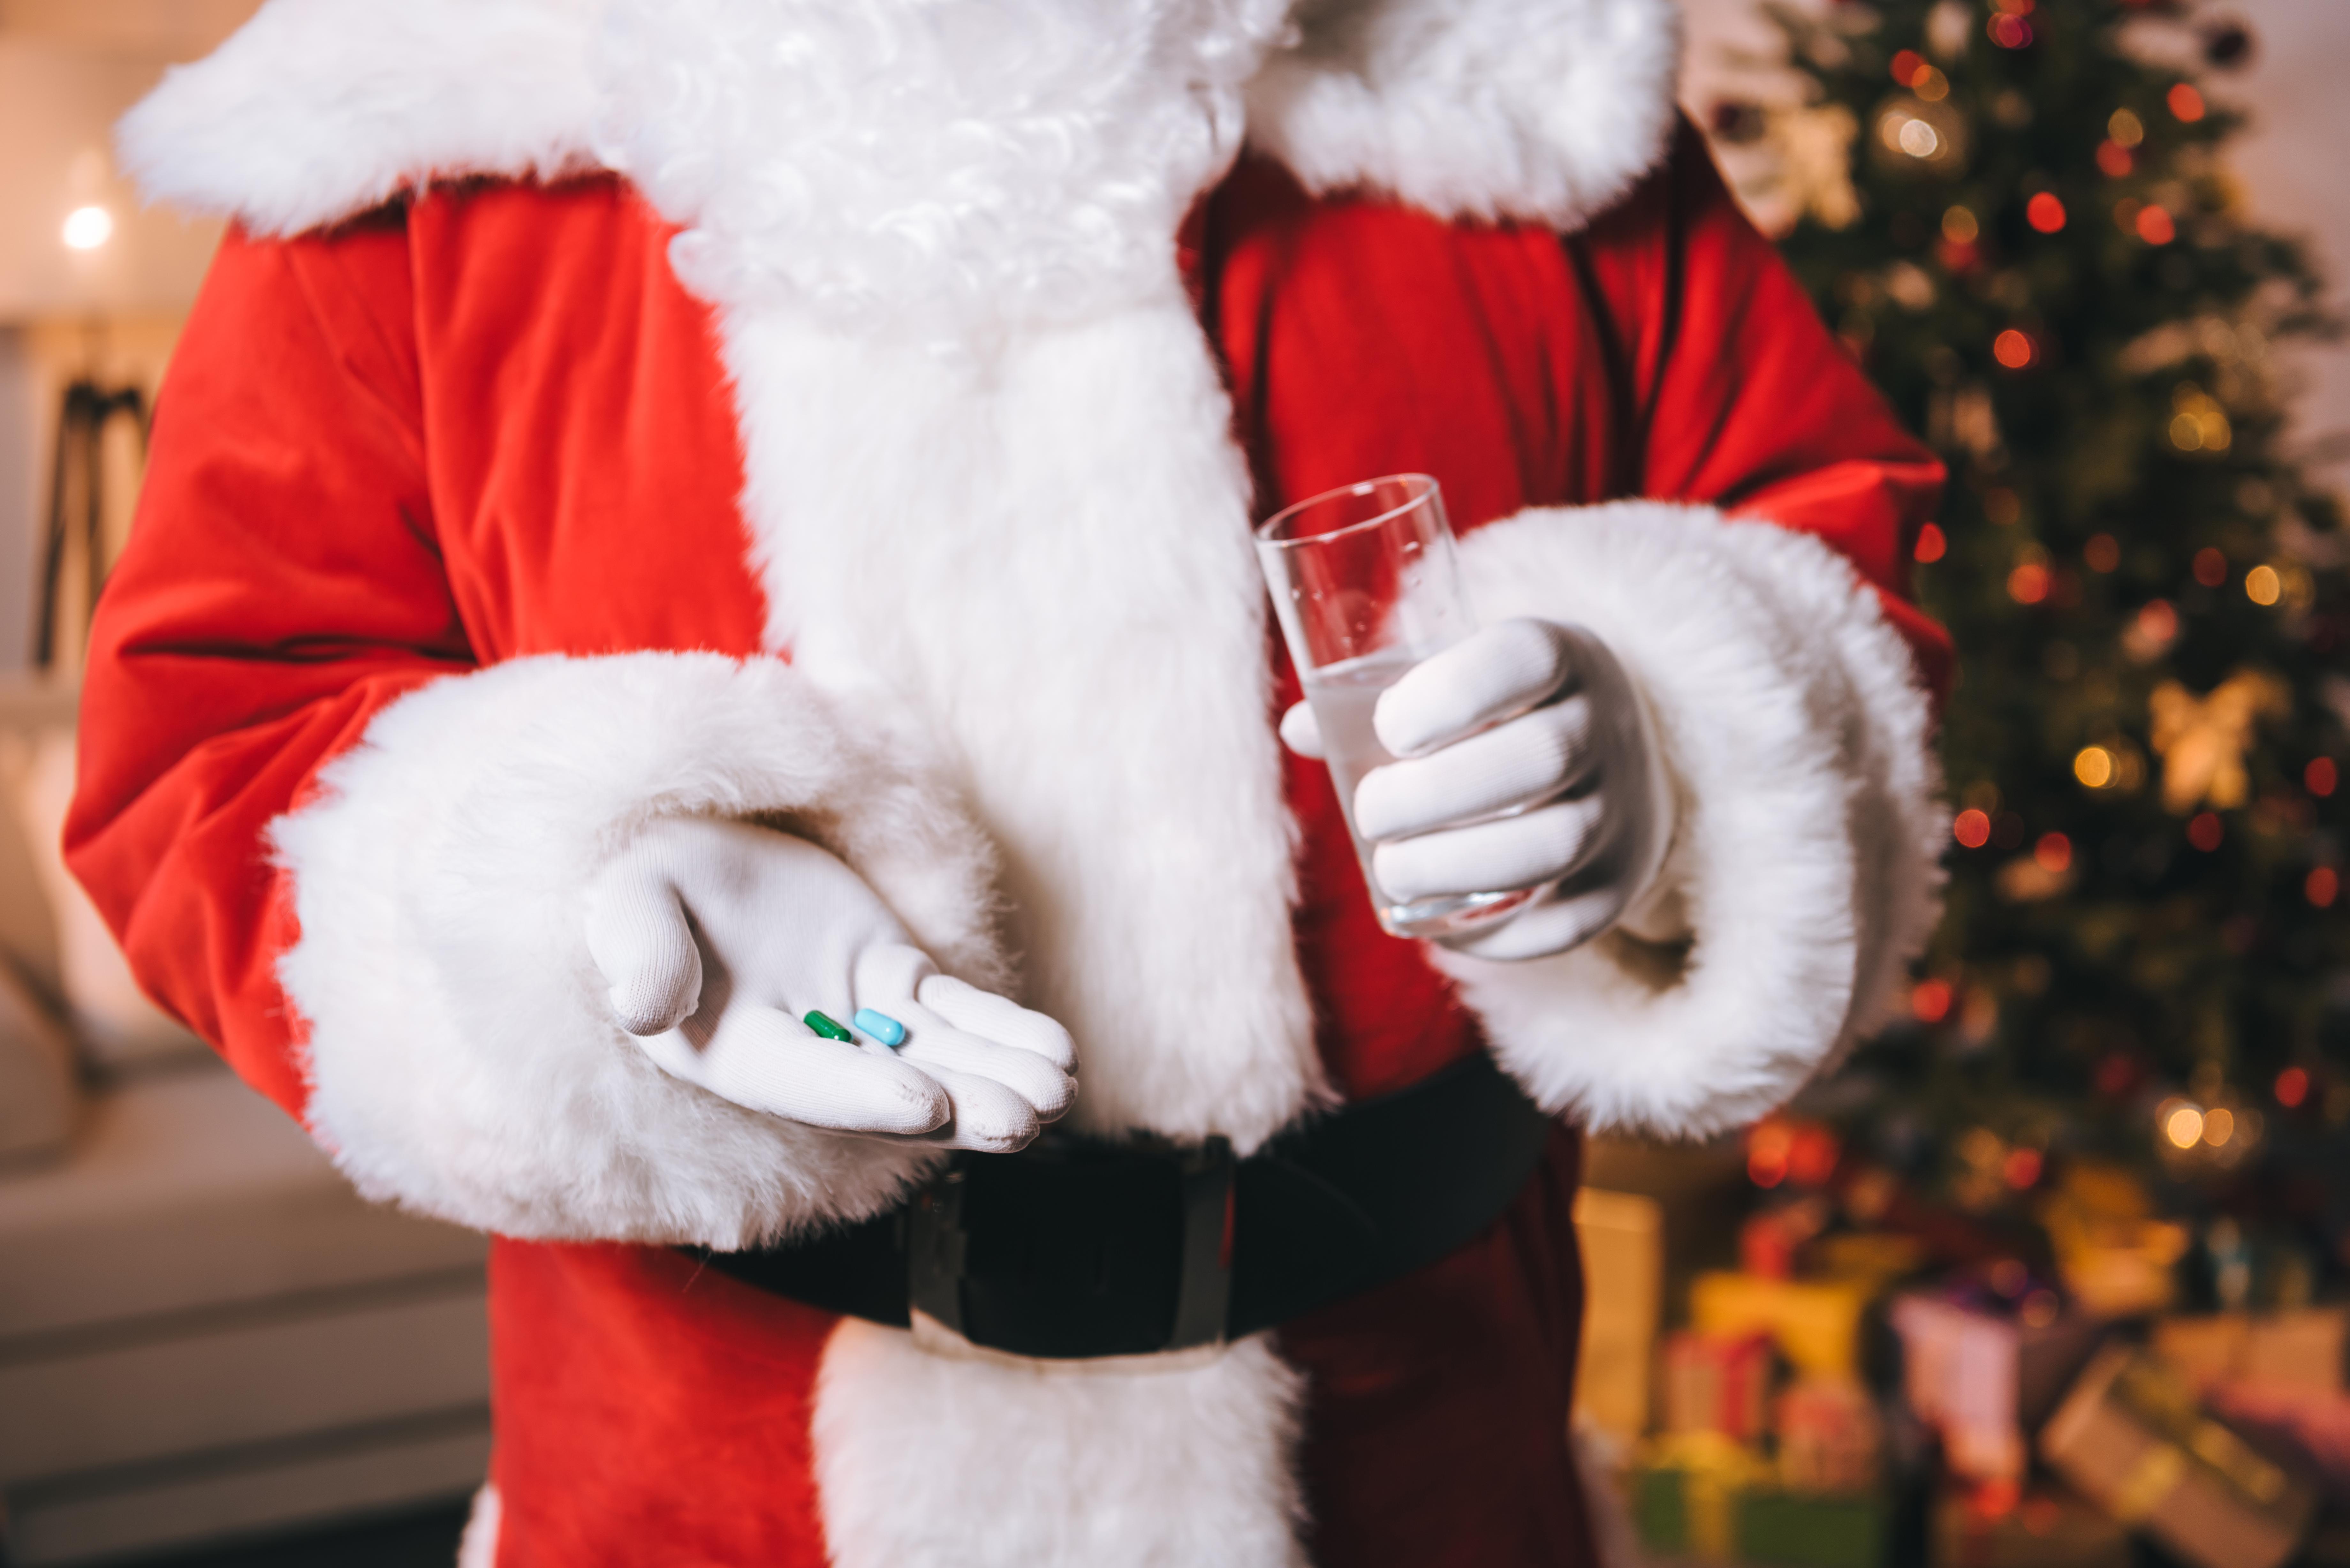 Många tänker inte på att det kan vara olämpligt att dricka alkohol eller äta mycket fet julmat med sina läkemedel menar Fredrik Hed, apotekare.